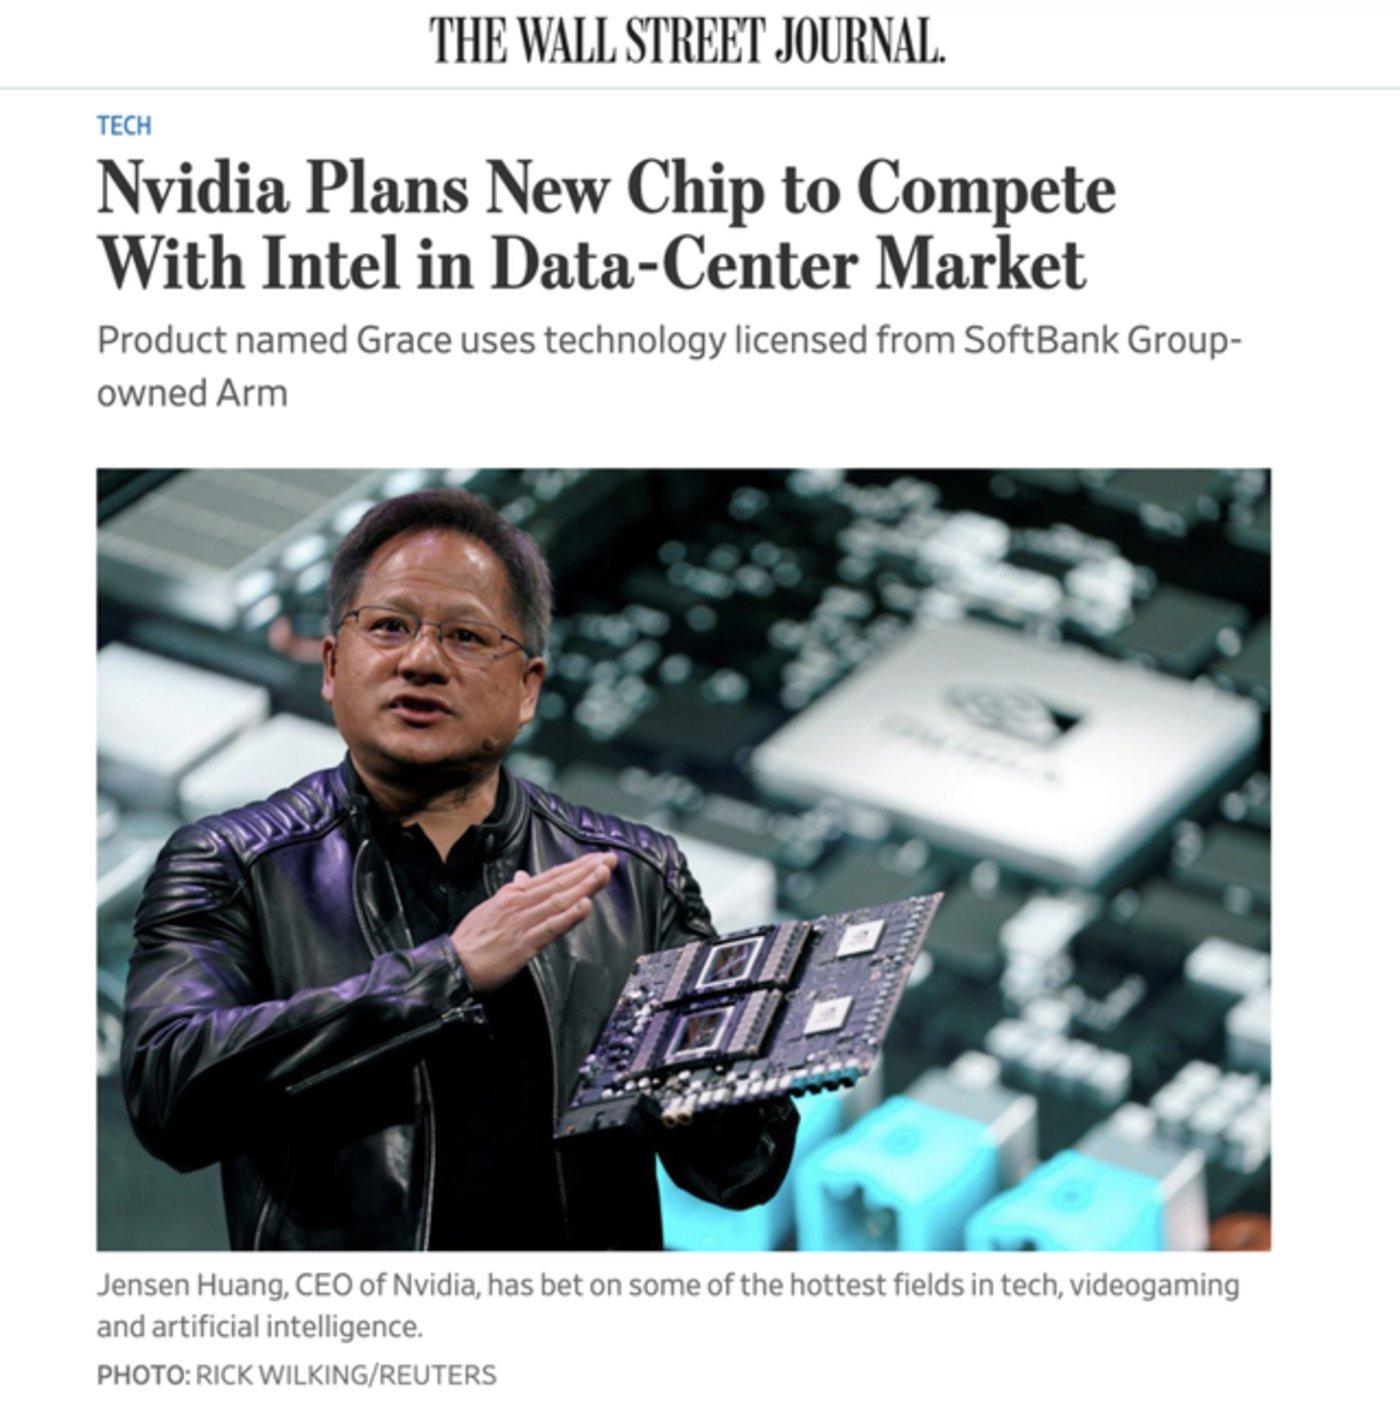 英伟达4月表示将推出 基于ARM架构设计服务数据中心的处理器Grace